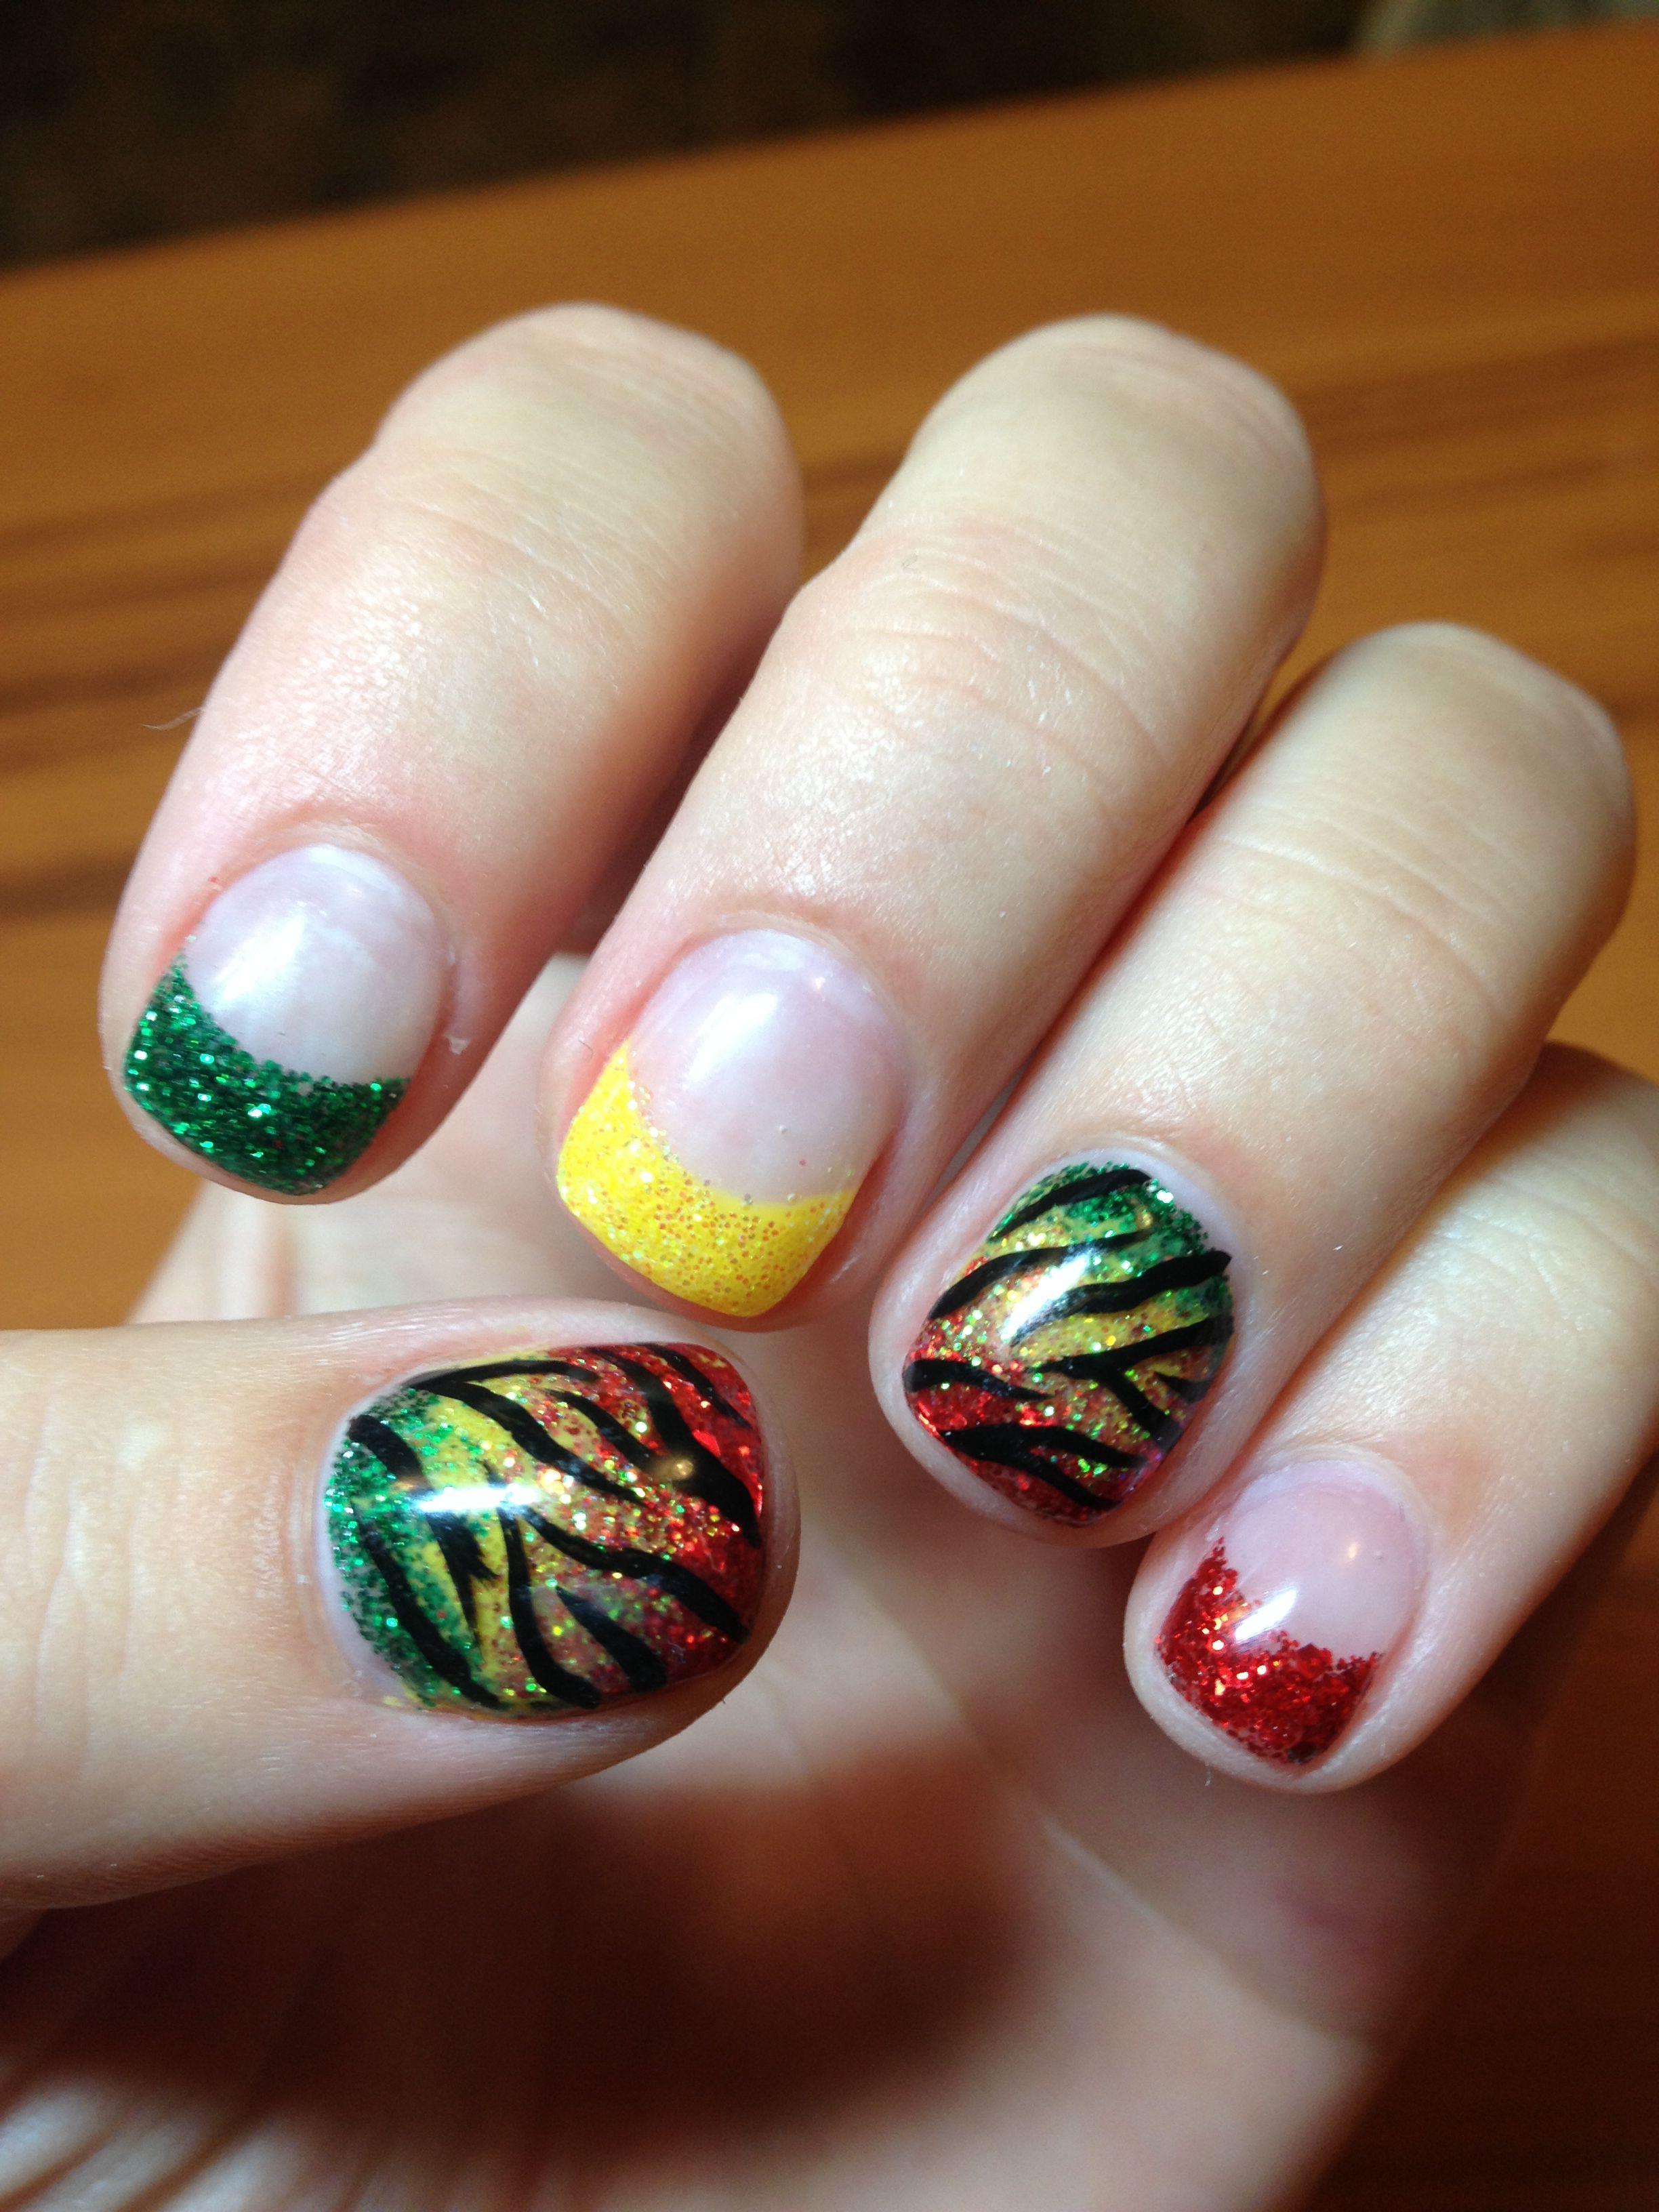 Rasta Gel Nails My Gel Nail Designs Pinterest Rasta Nails Vacation Nails And Jamaica Nails